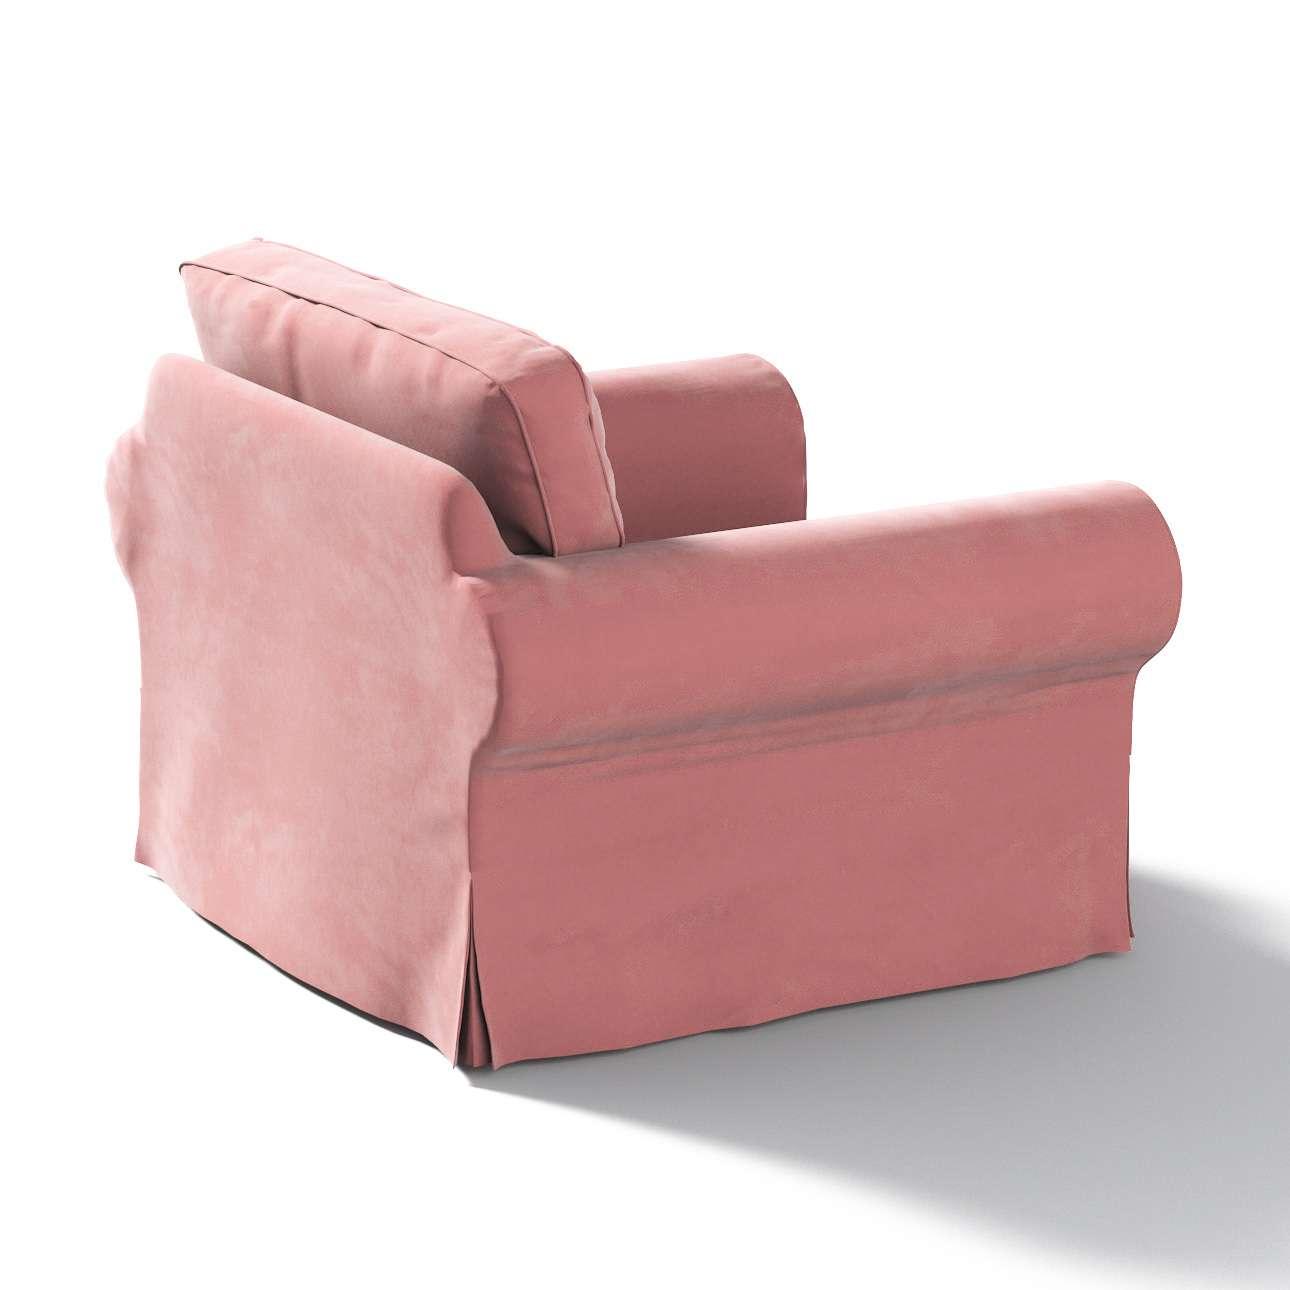 Pokrowiec na fotel Ektorp w kolekcji Velvet, tkanina: 704-30